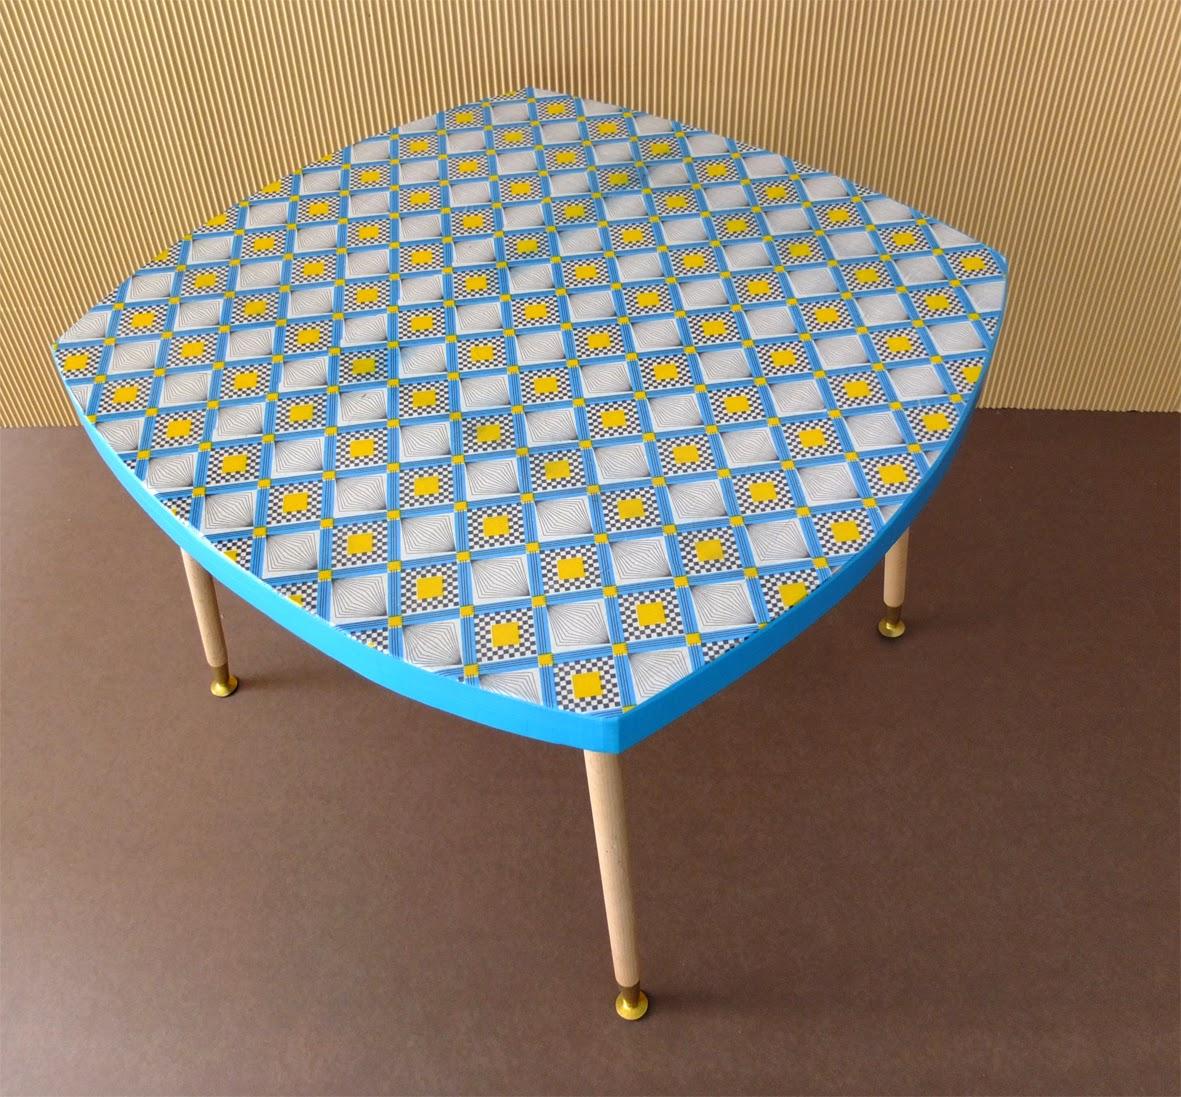 table basse en carton. pieds en bois. table basse en carton recouverte de papier motif géométrique